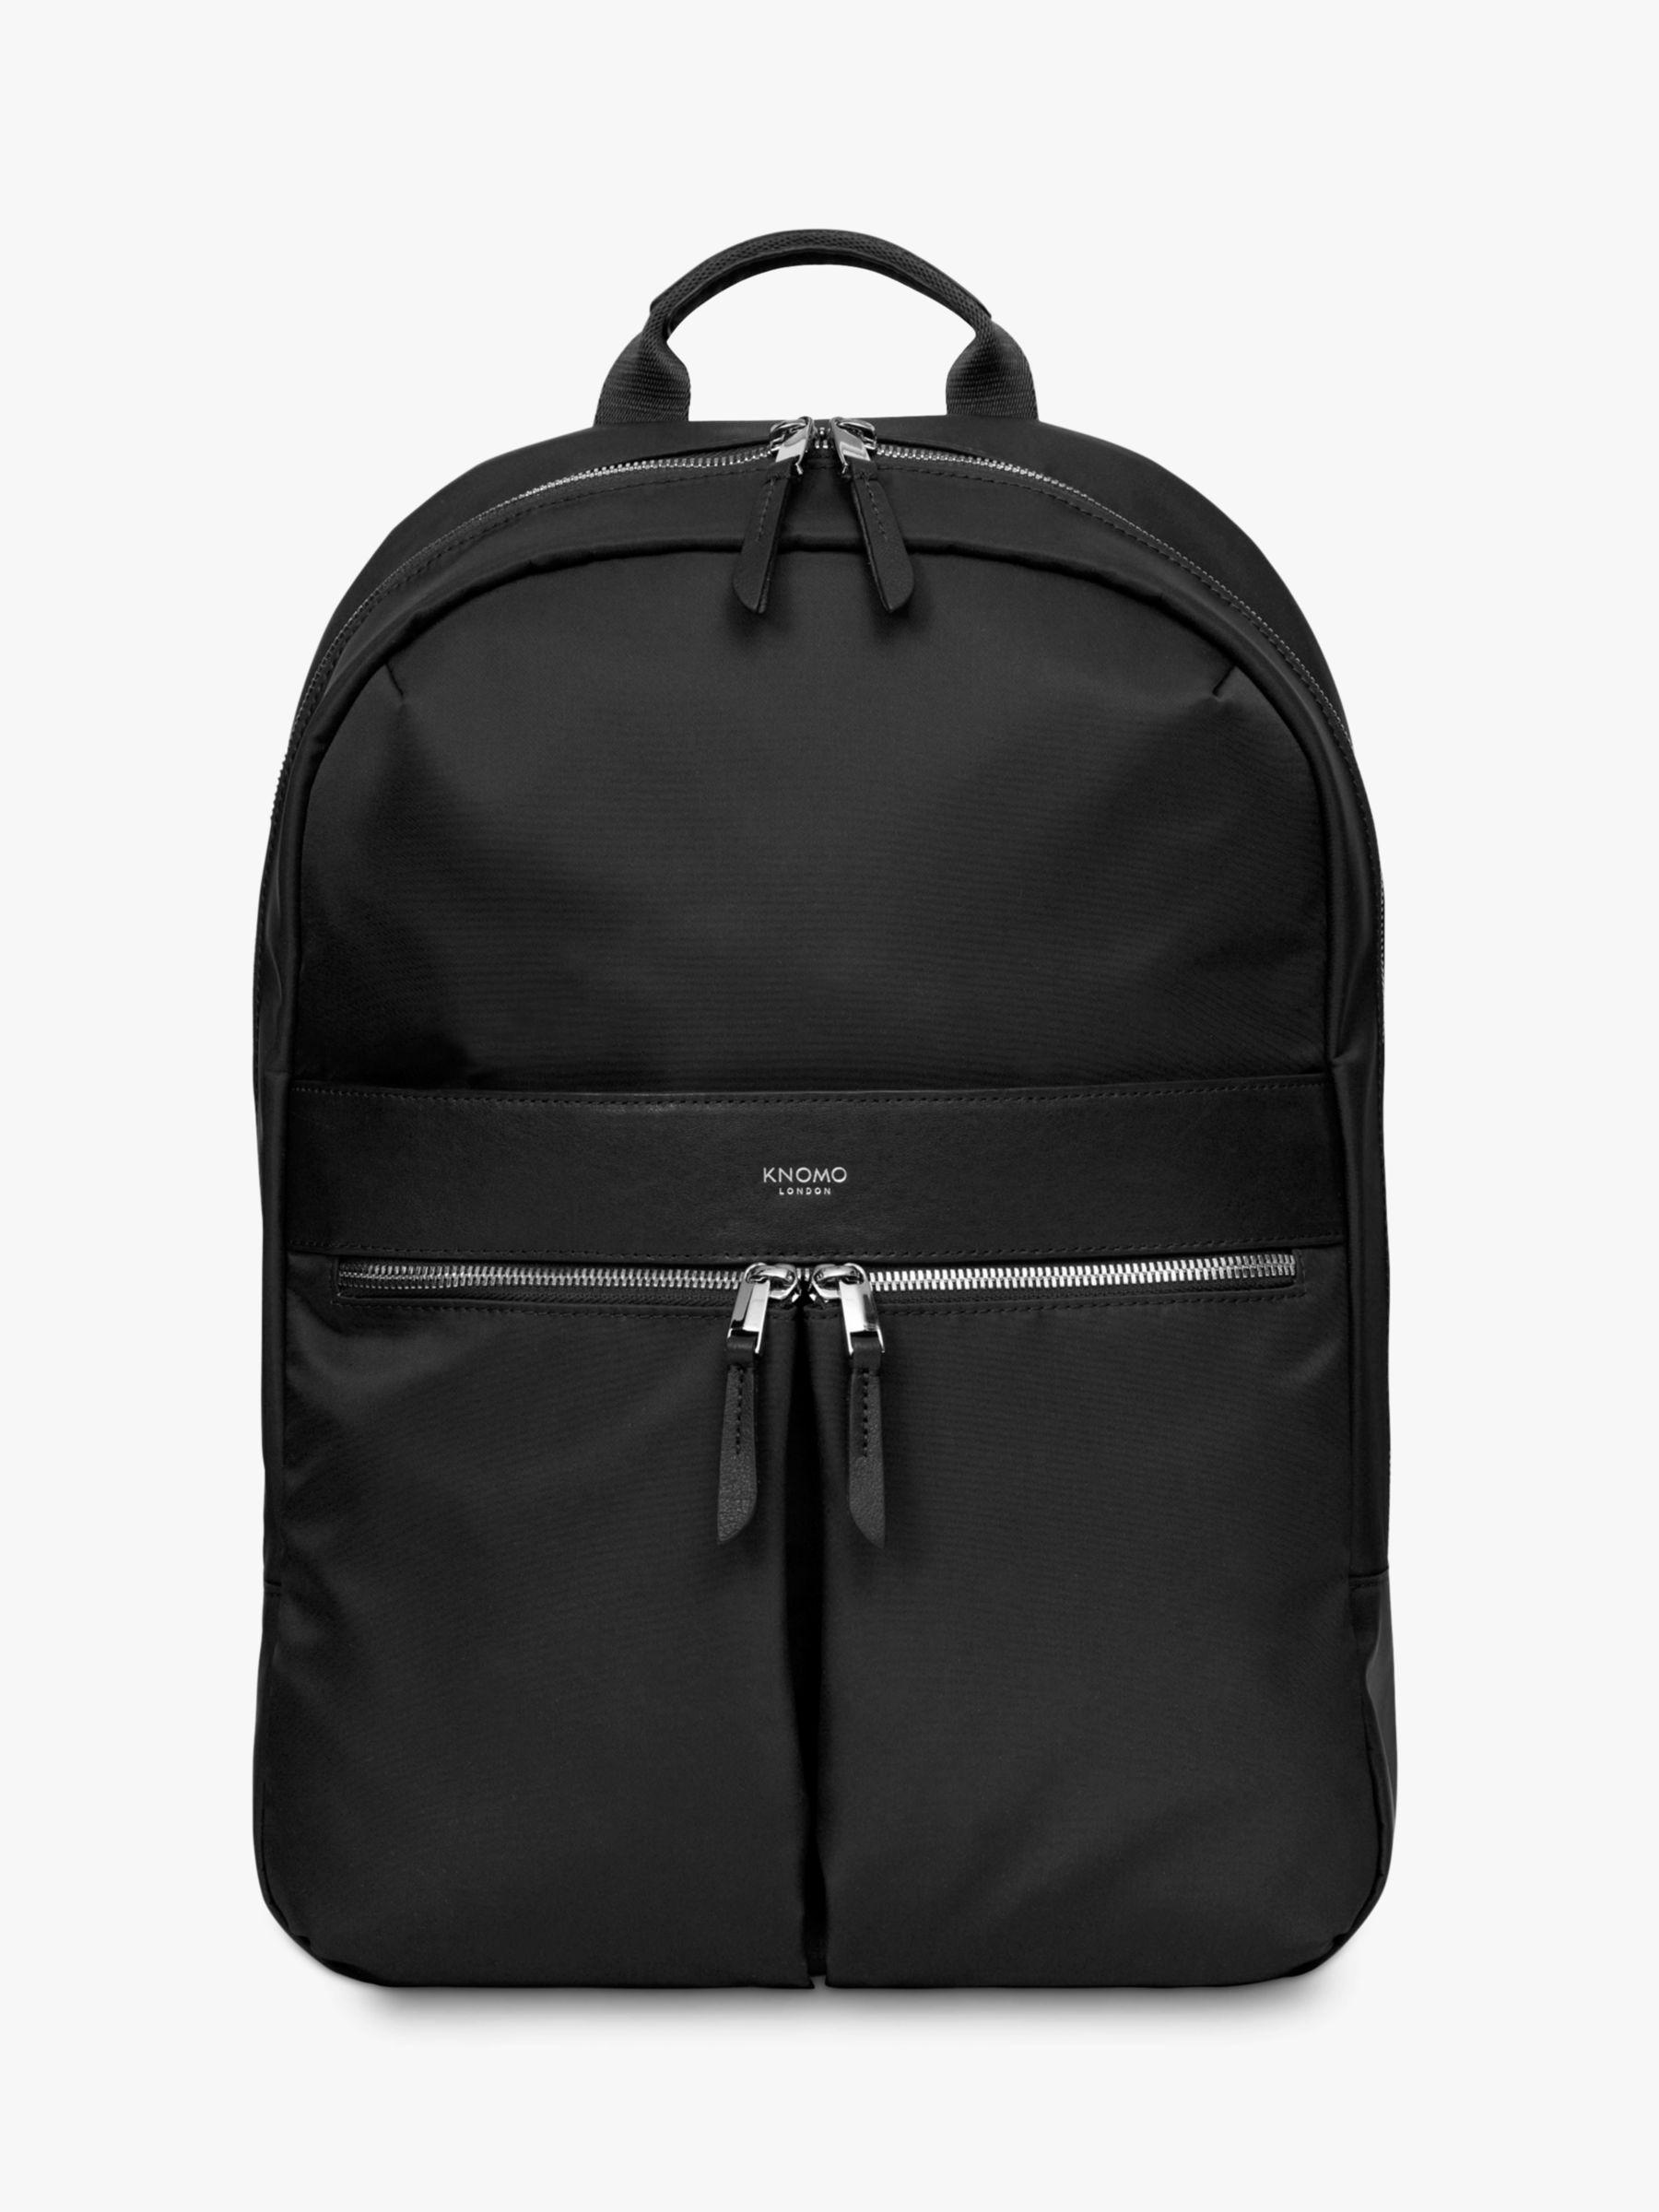 Knomo KNOMO Mayfair Beauchamp 2.0 Backpack for 14 Laptops, Black